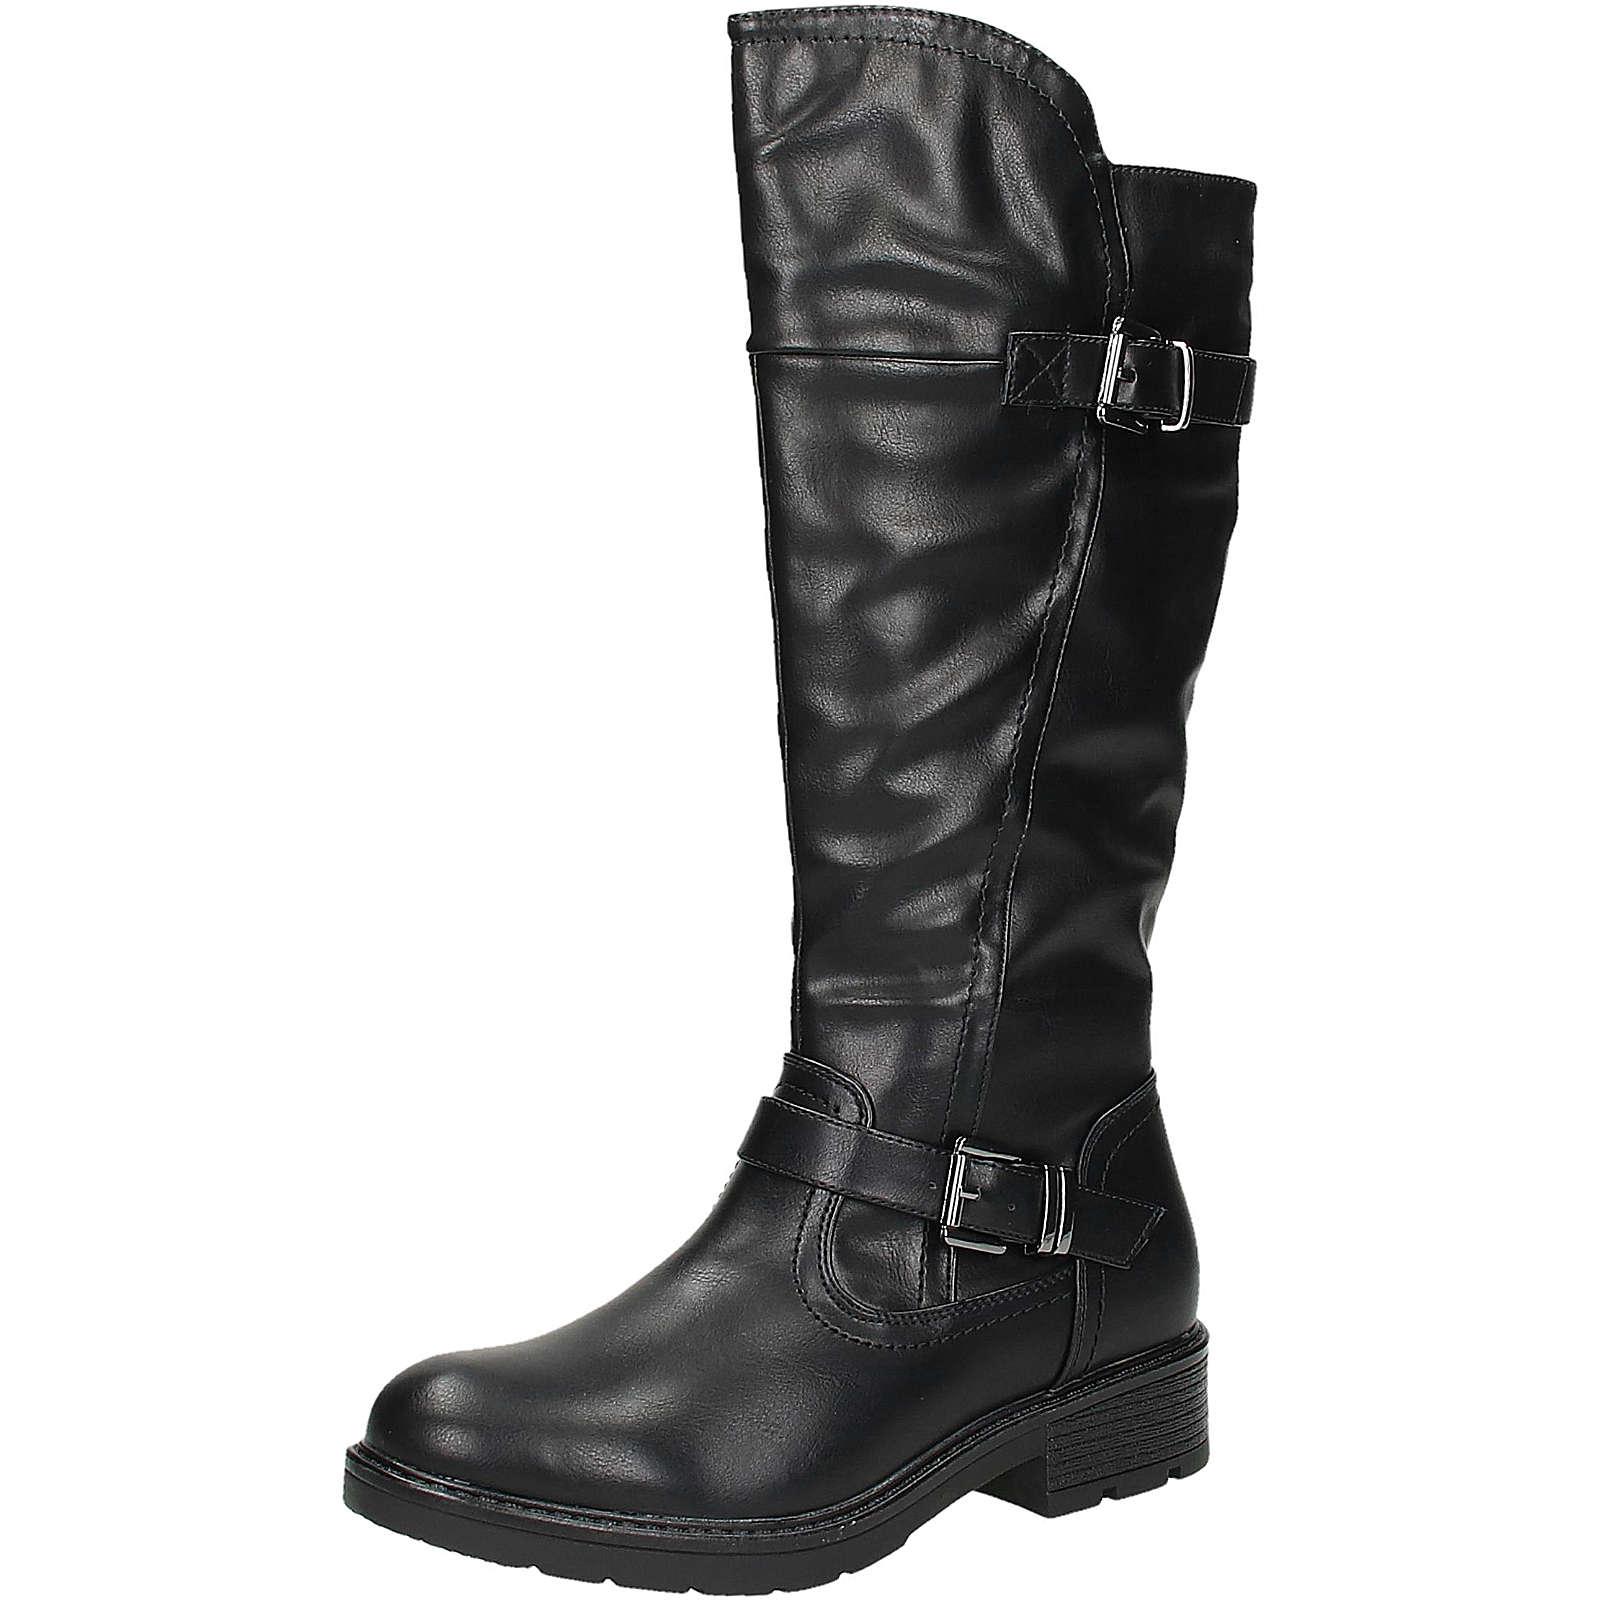 Stiefel Klassische Stiefel schwarz Damen Gr. 38